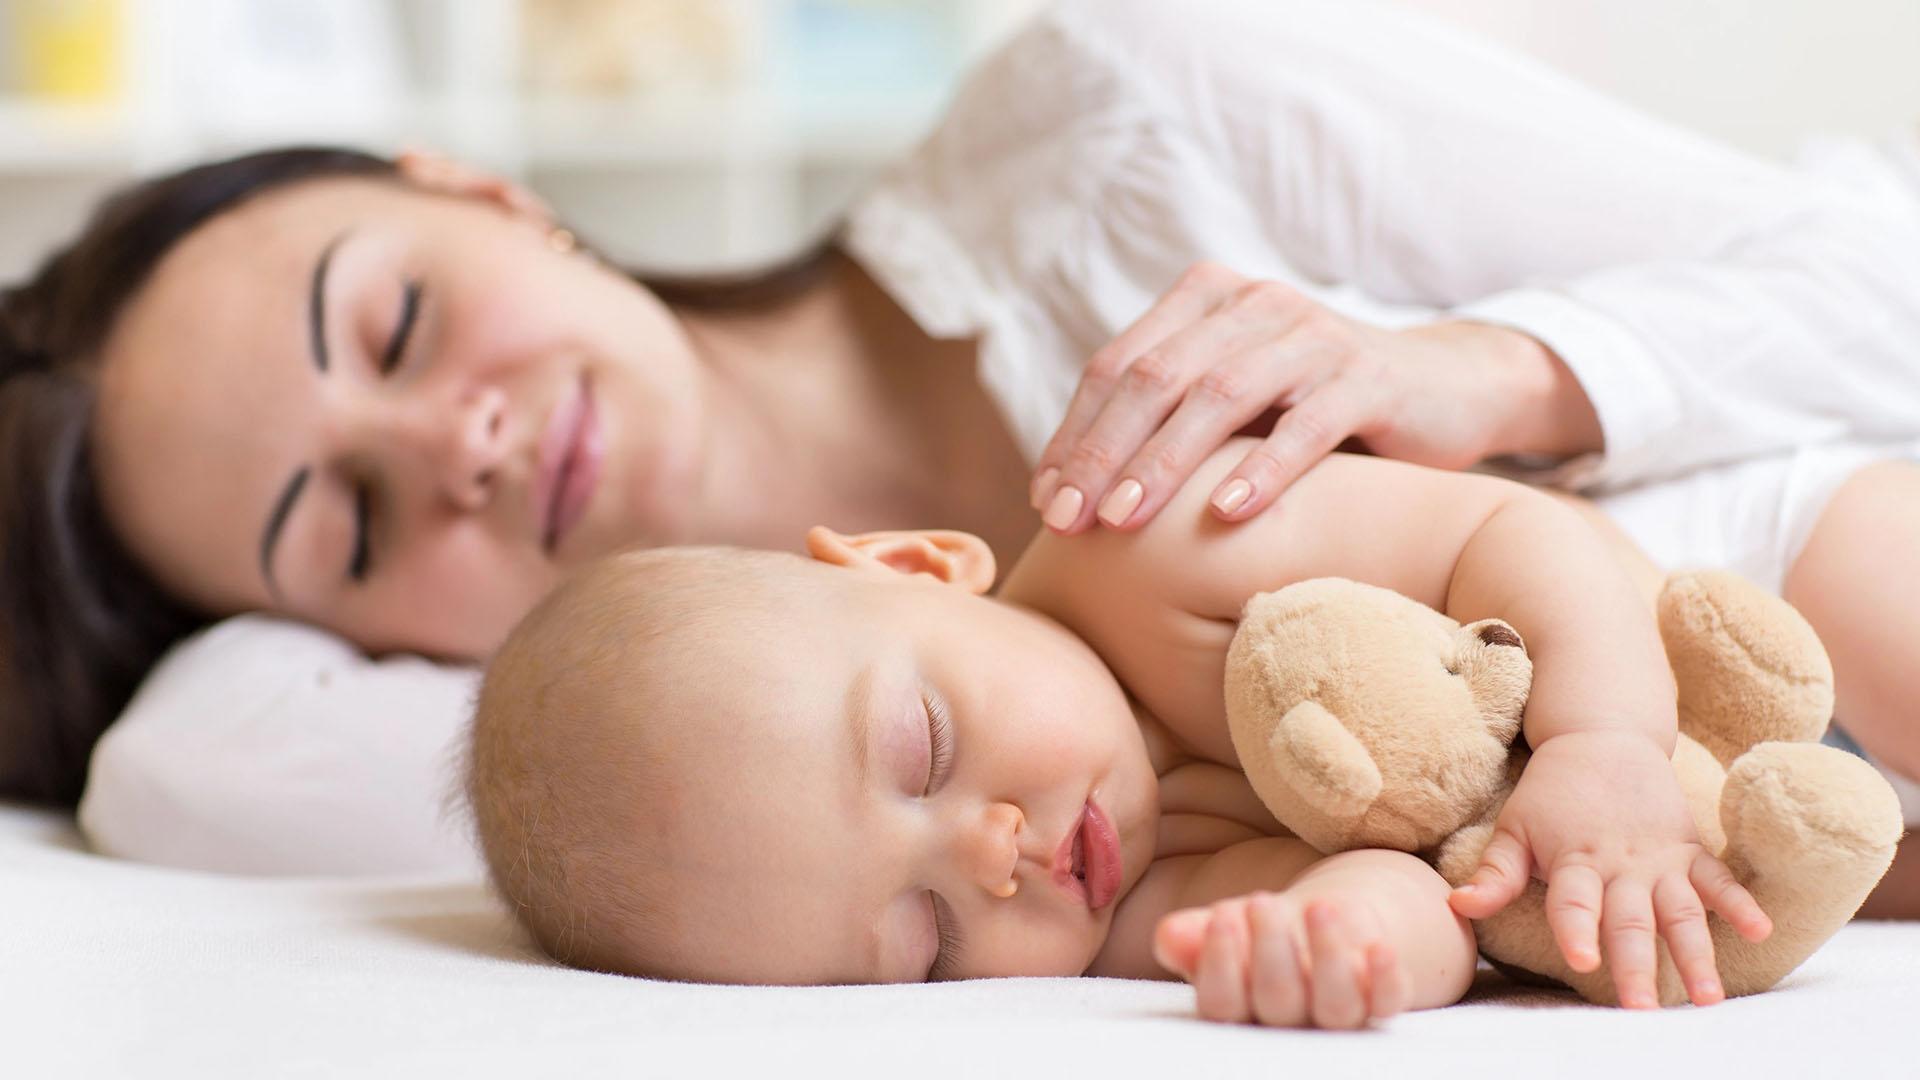 جدا خوابیدن کودک